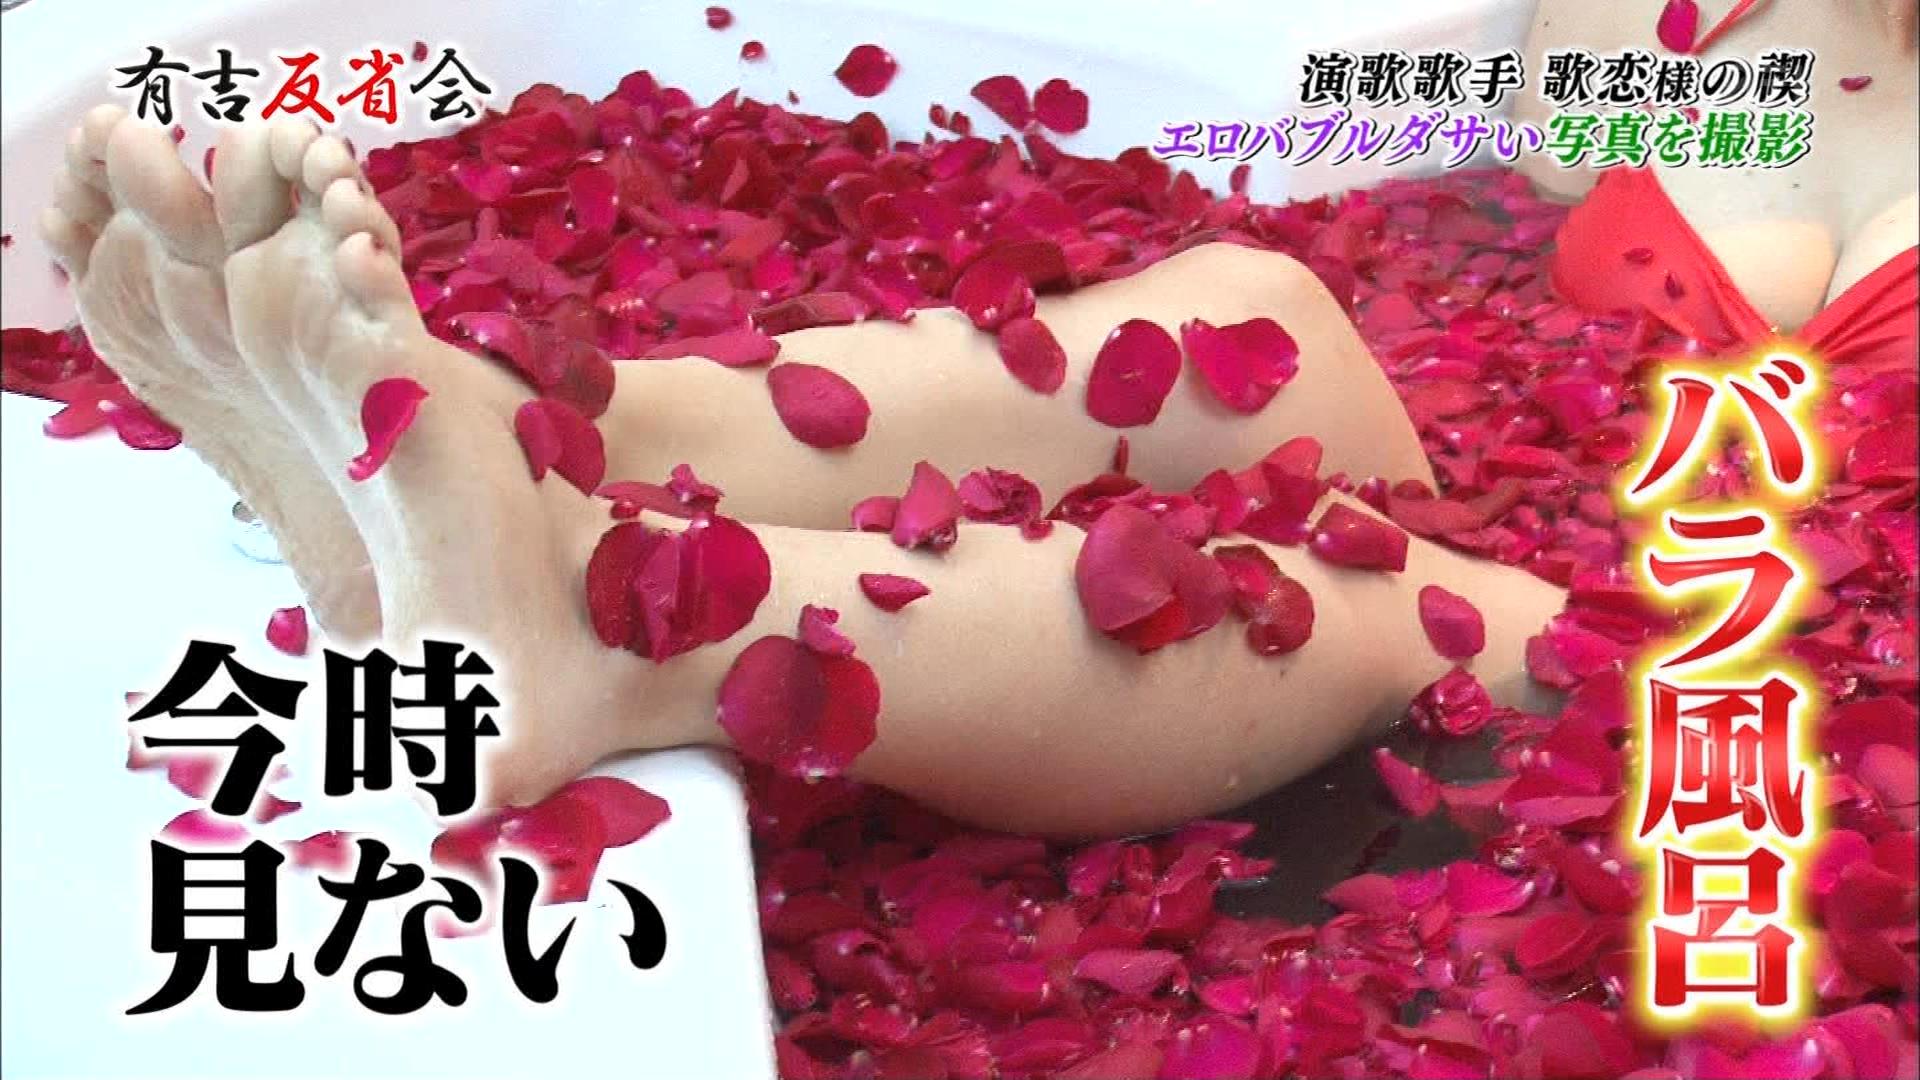 歌恋(24)巨乳演歌歌手の有吉反省会エロキャプ画像33枚・23枚目の画像